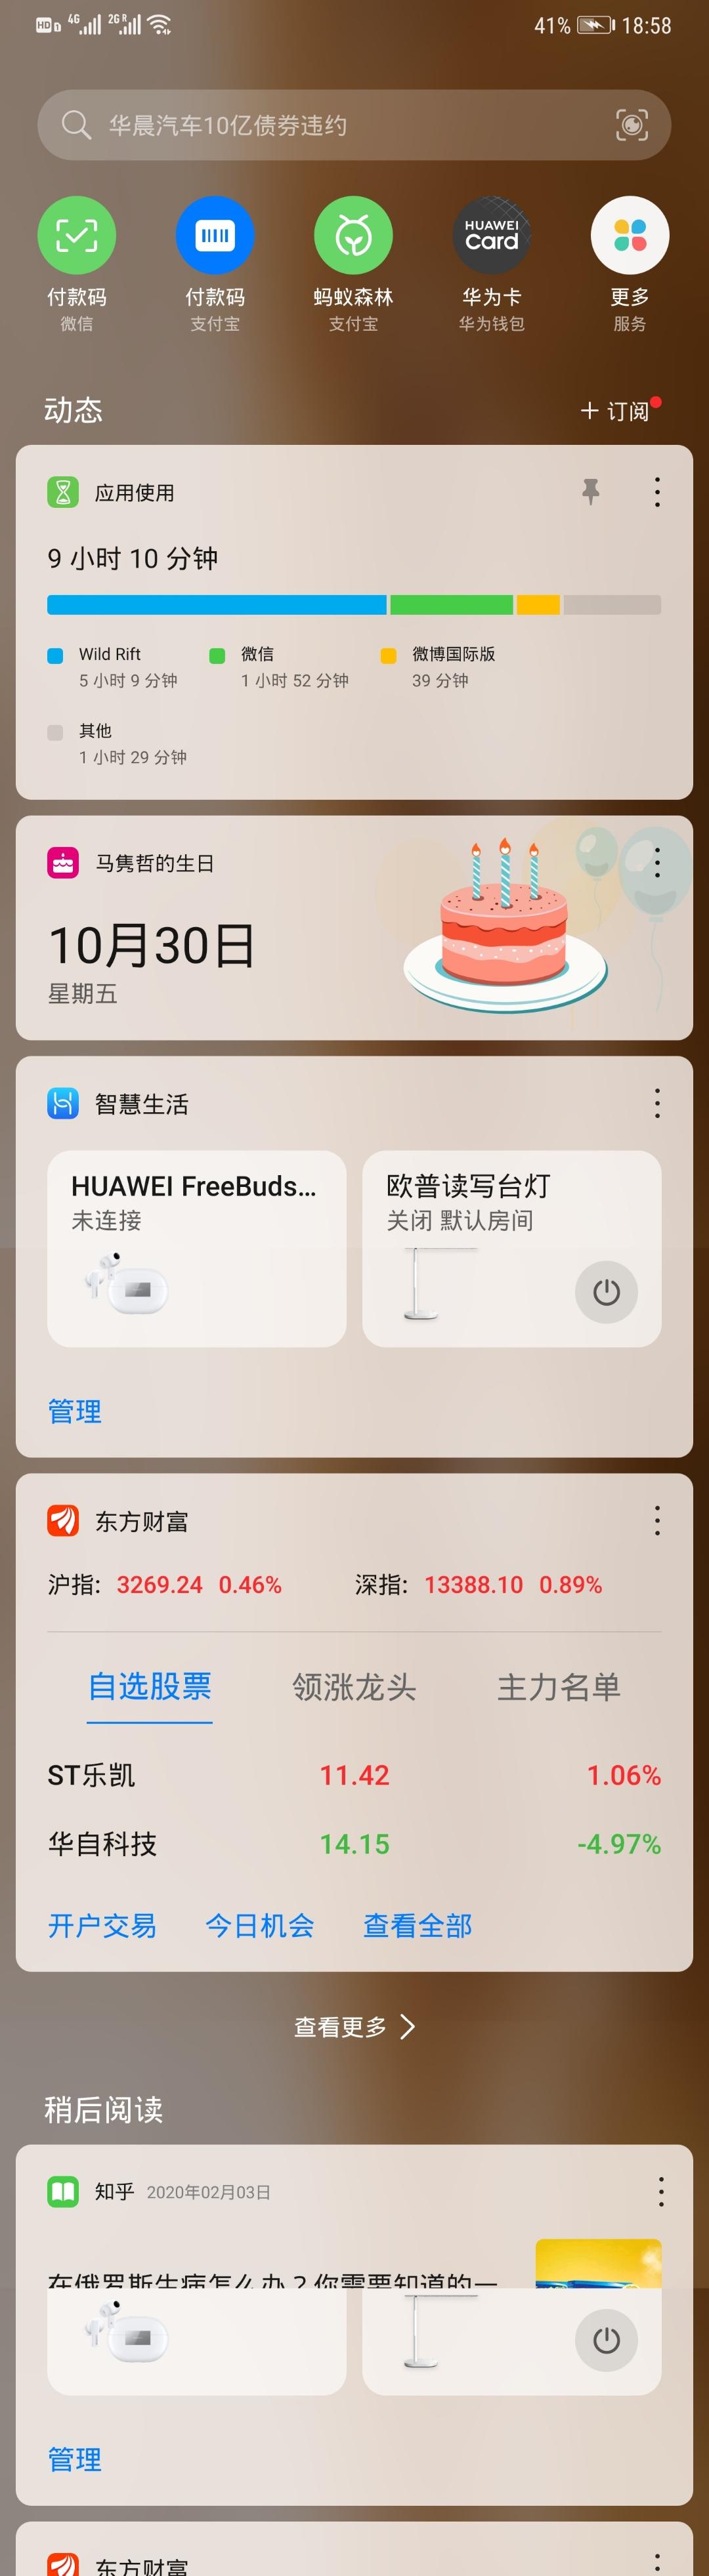 Screenshot_20201028_185819_com.huawei.android.launcher.jpg